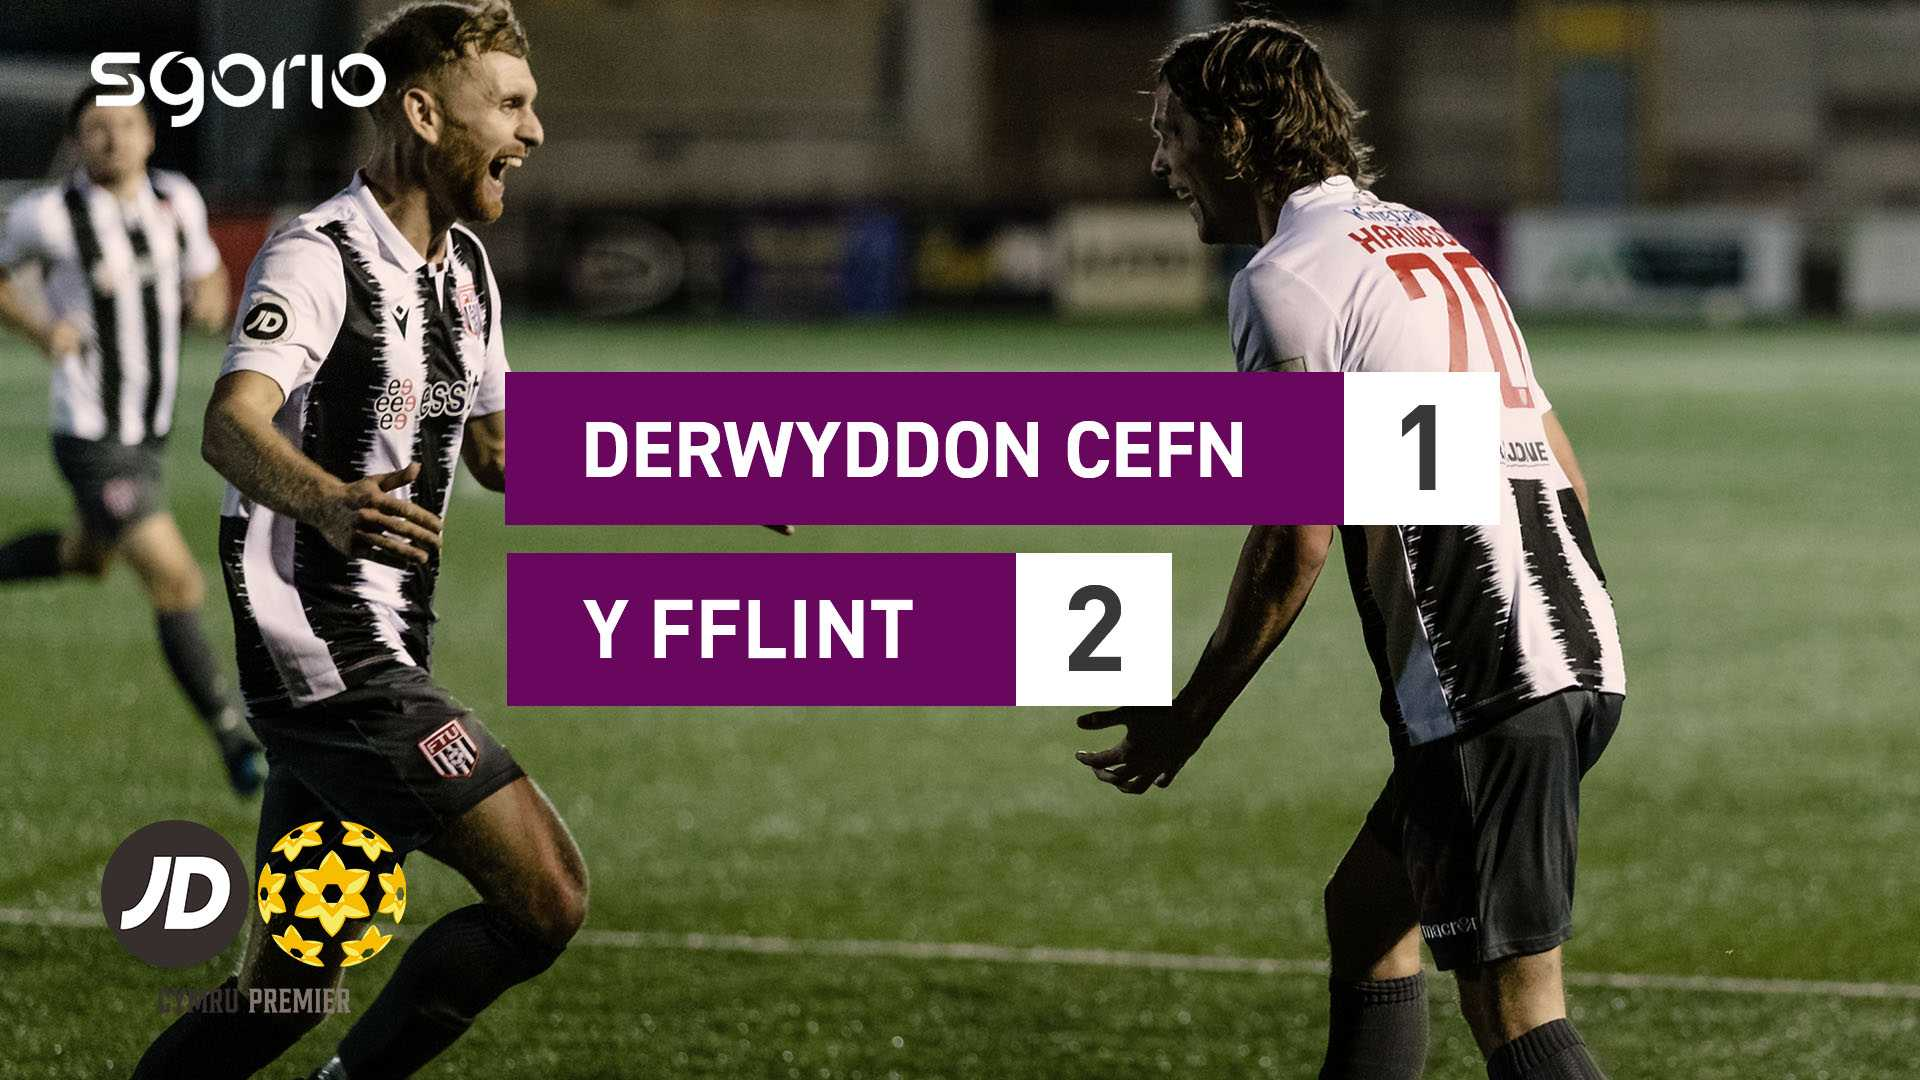 Derwyddon Cefn 1-2 Y Fflint